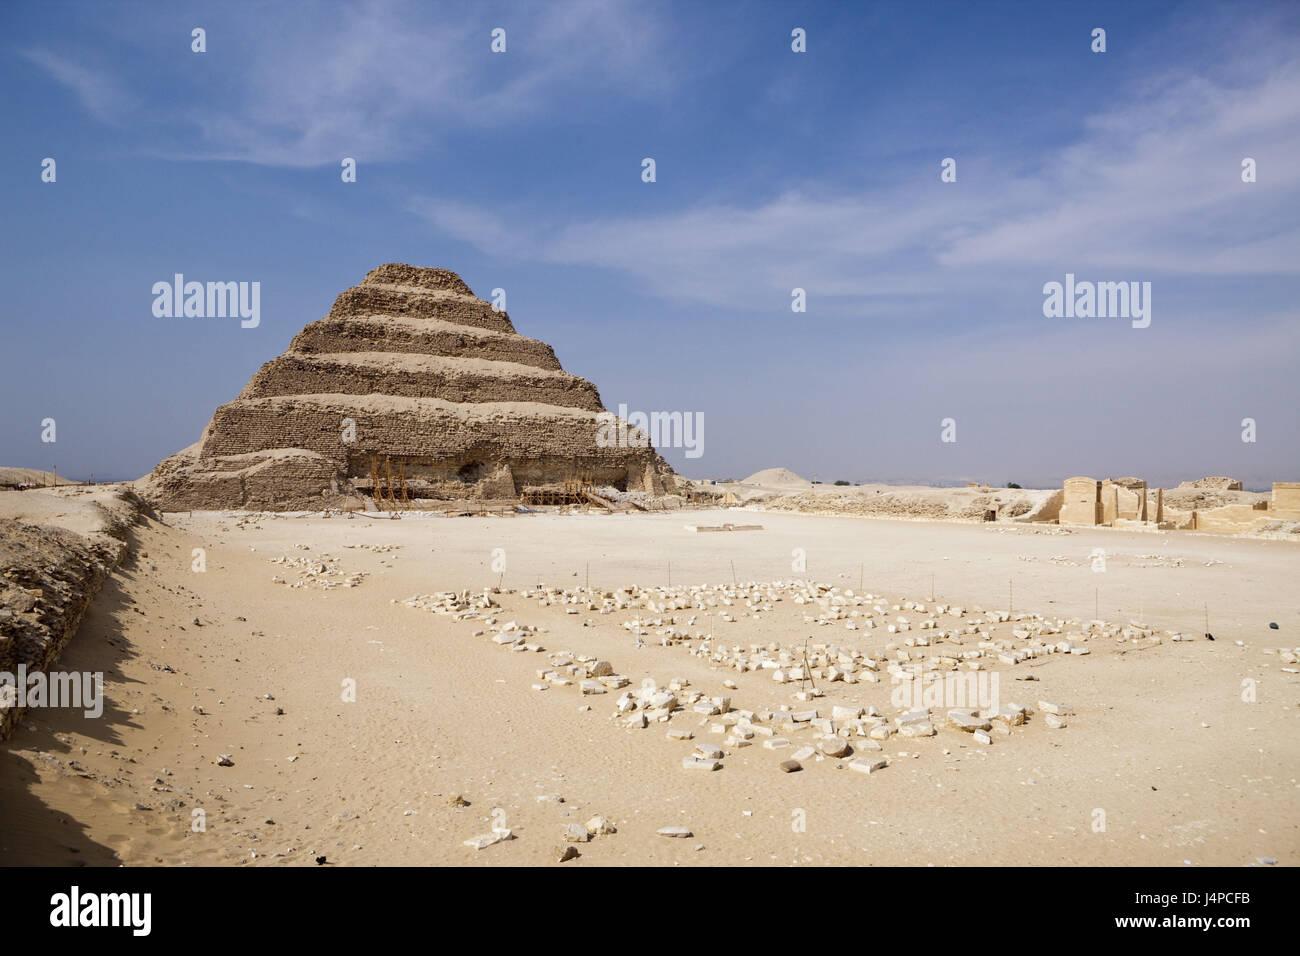 Passo piramide Sakkara del faraone Djoser, Egitto, Sakkara, Immagini Stock